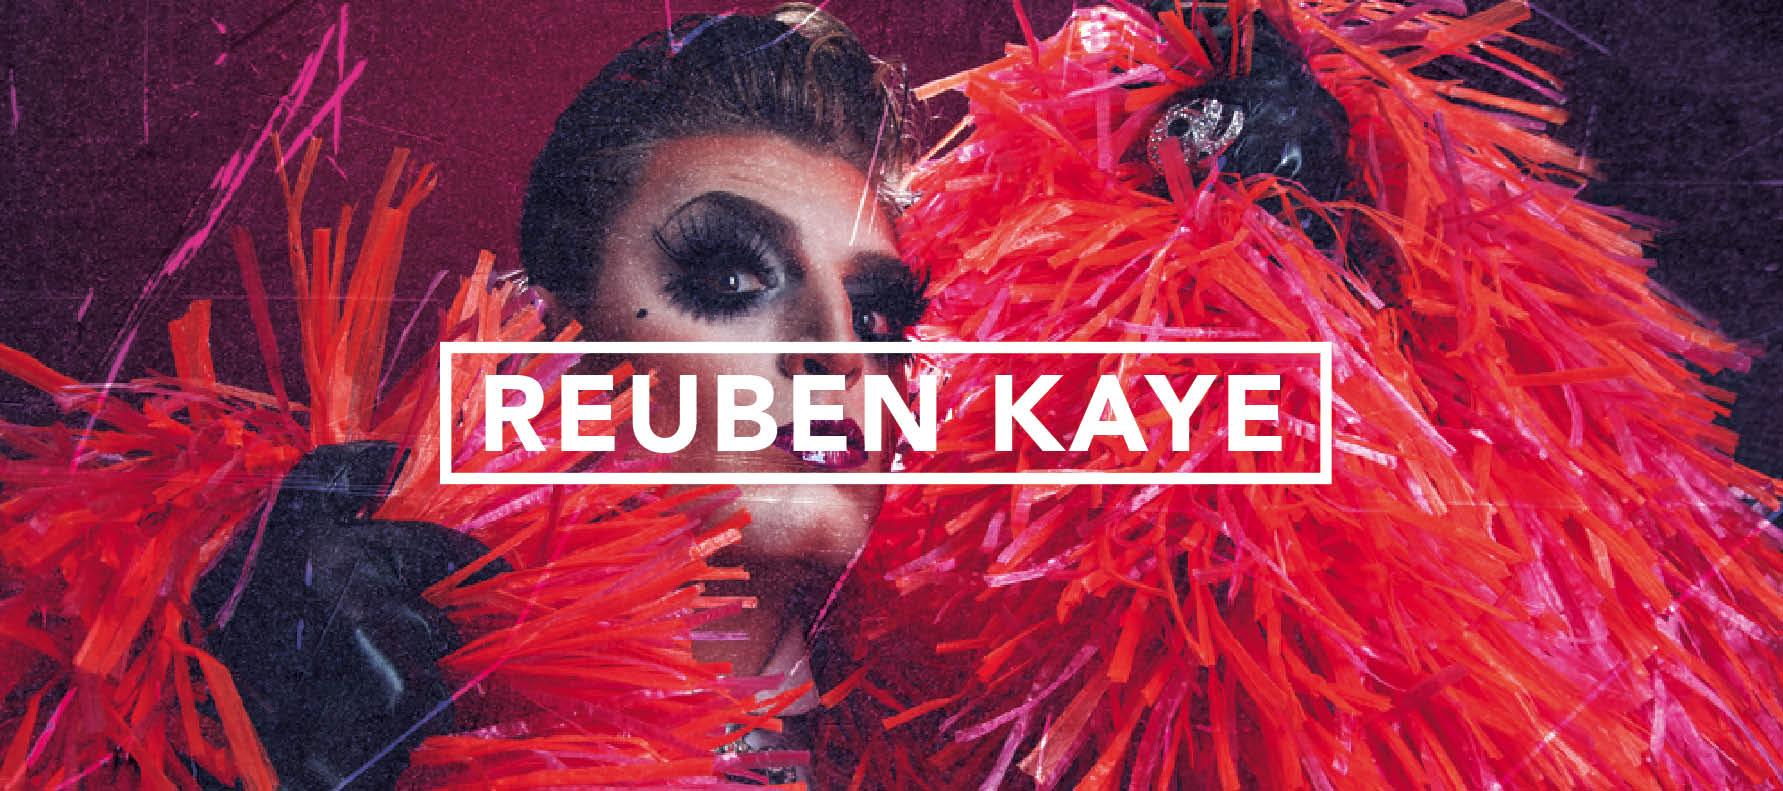 dead man label reuben kaye